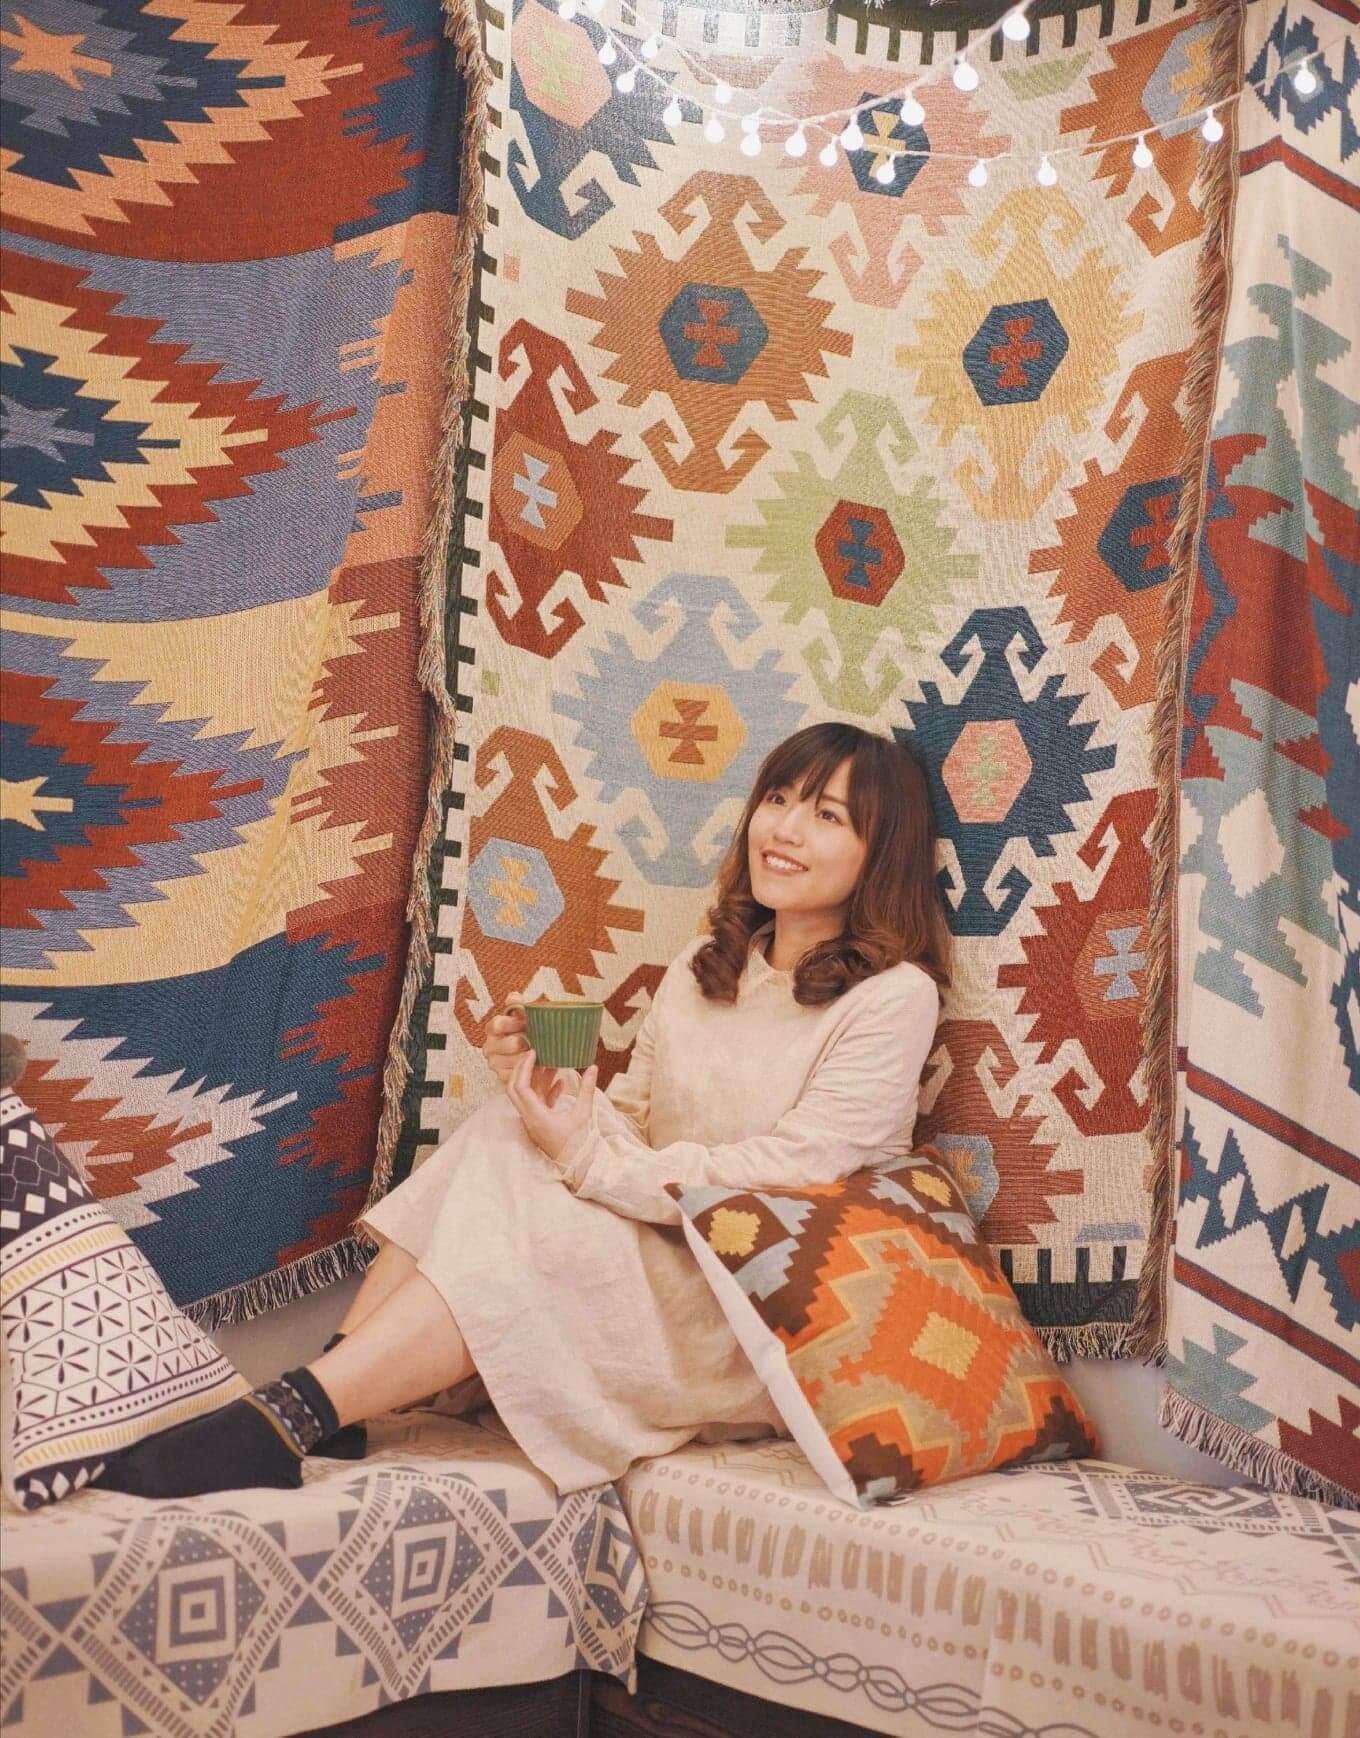 二樓主要行土耳其風格,牆上掛咗唔少民族風地毯。